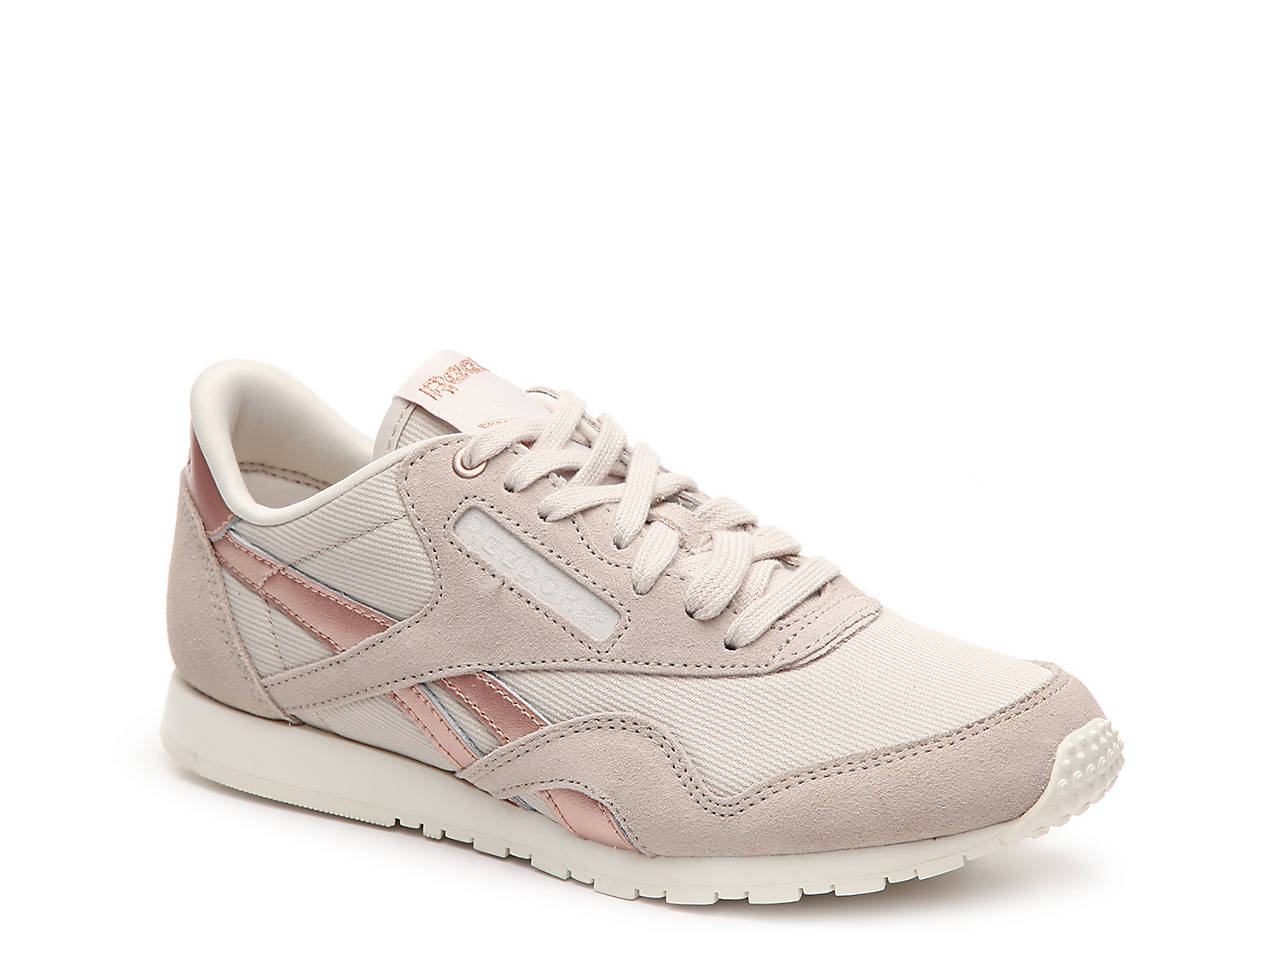 buy online f5bb9 73c2e Classic Nylon Slim Sneaker - Women's